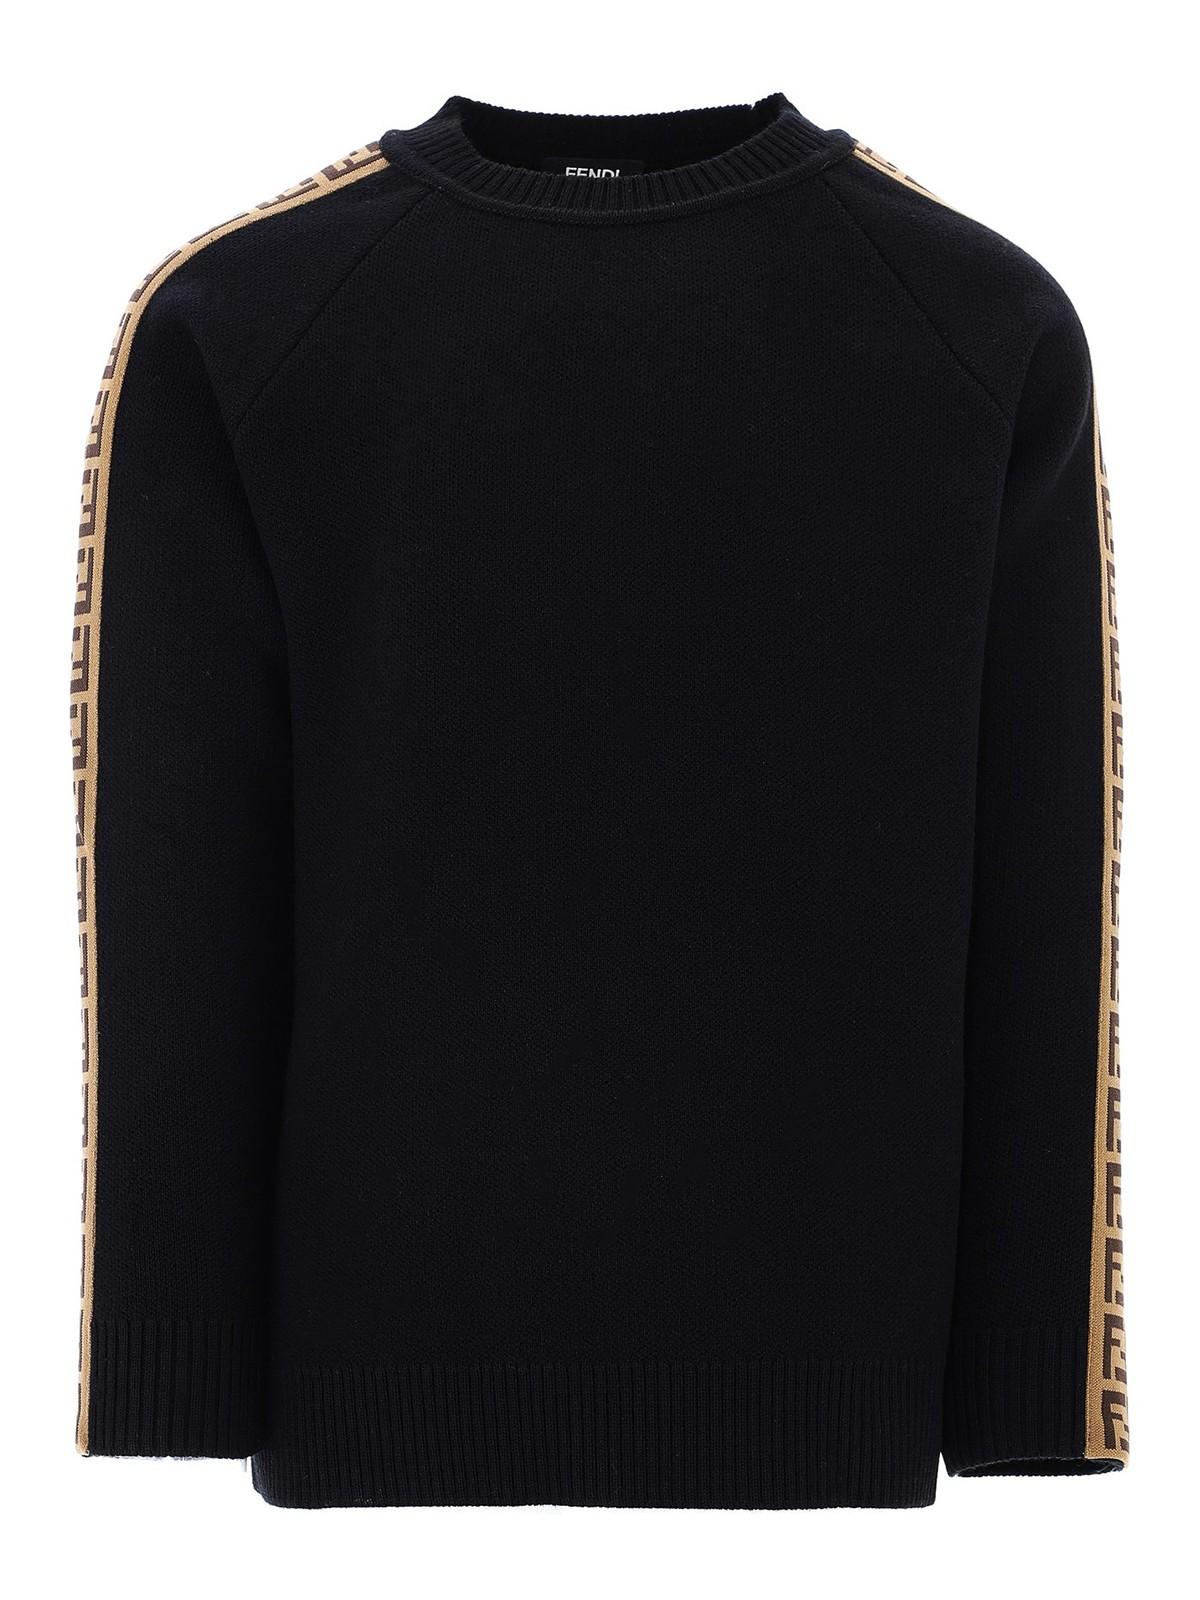 Fendi Jr Clothing LOGO BAND VIRGIN WOOL SWEATER